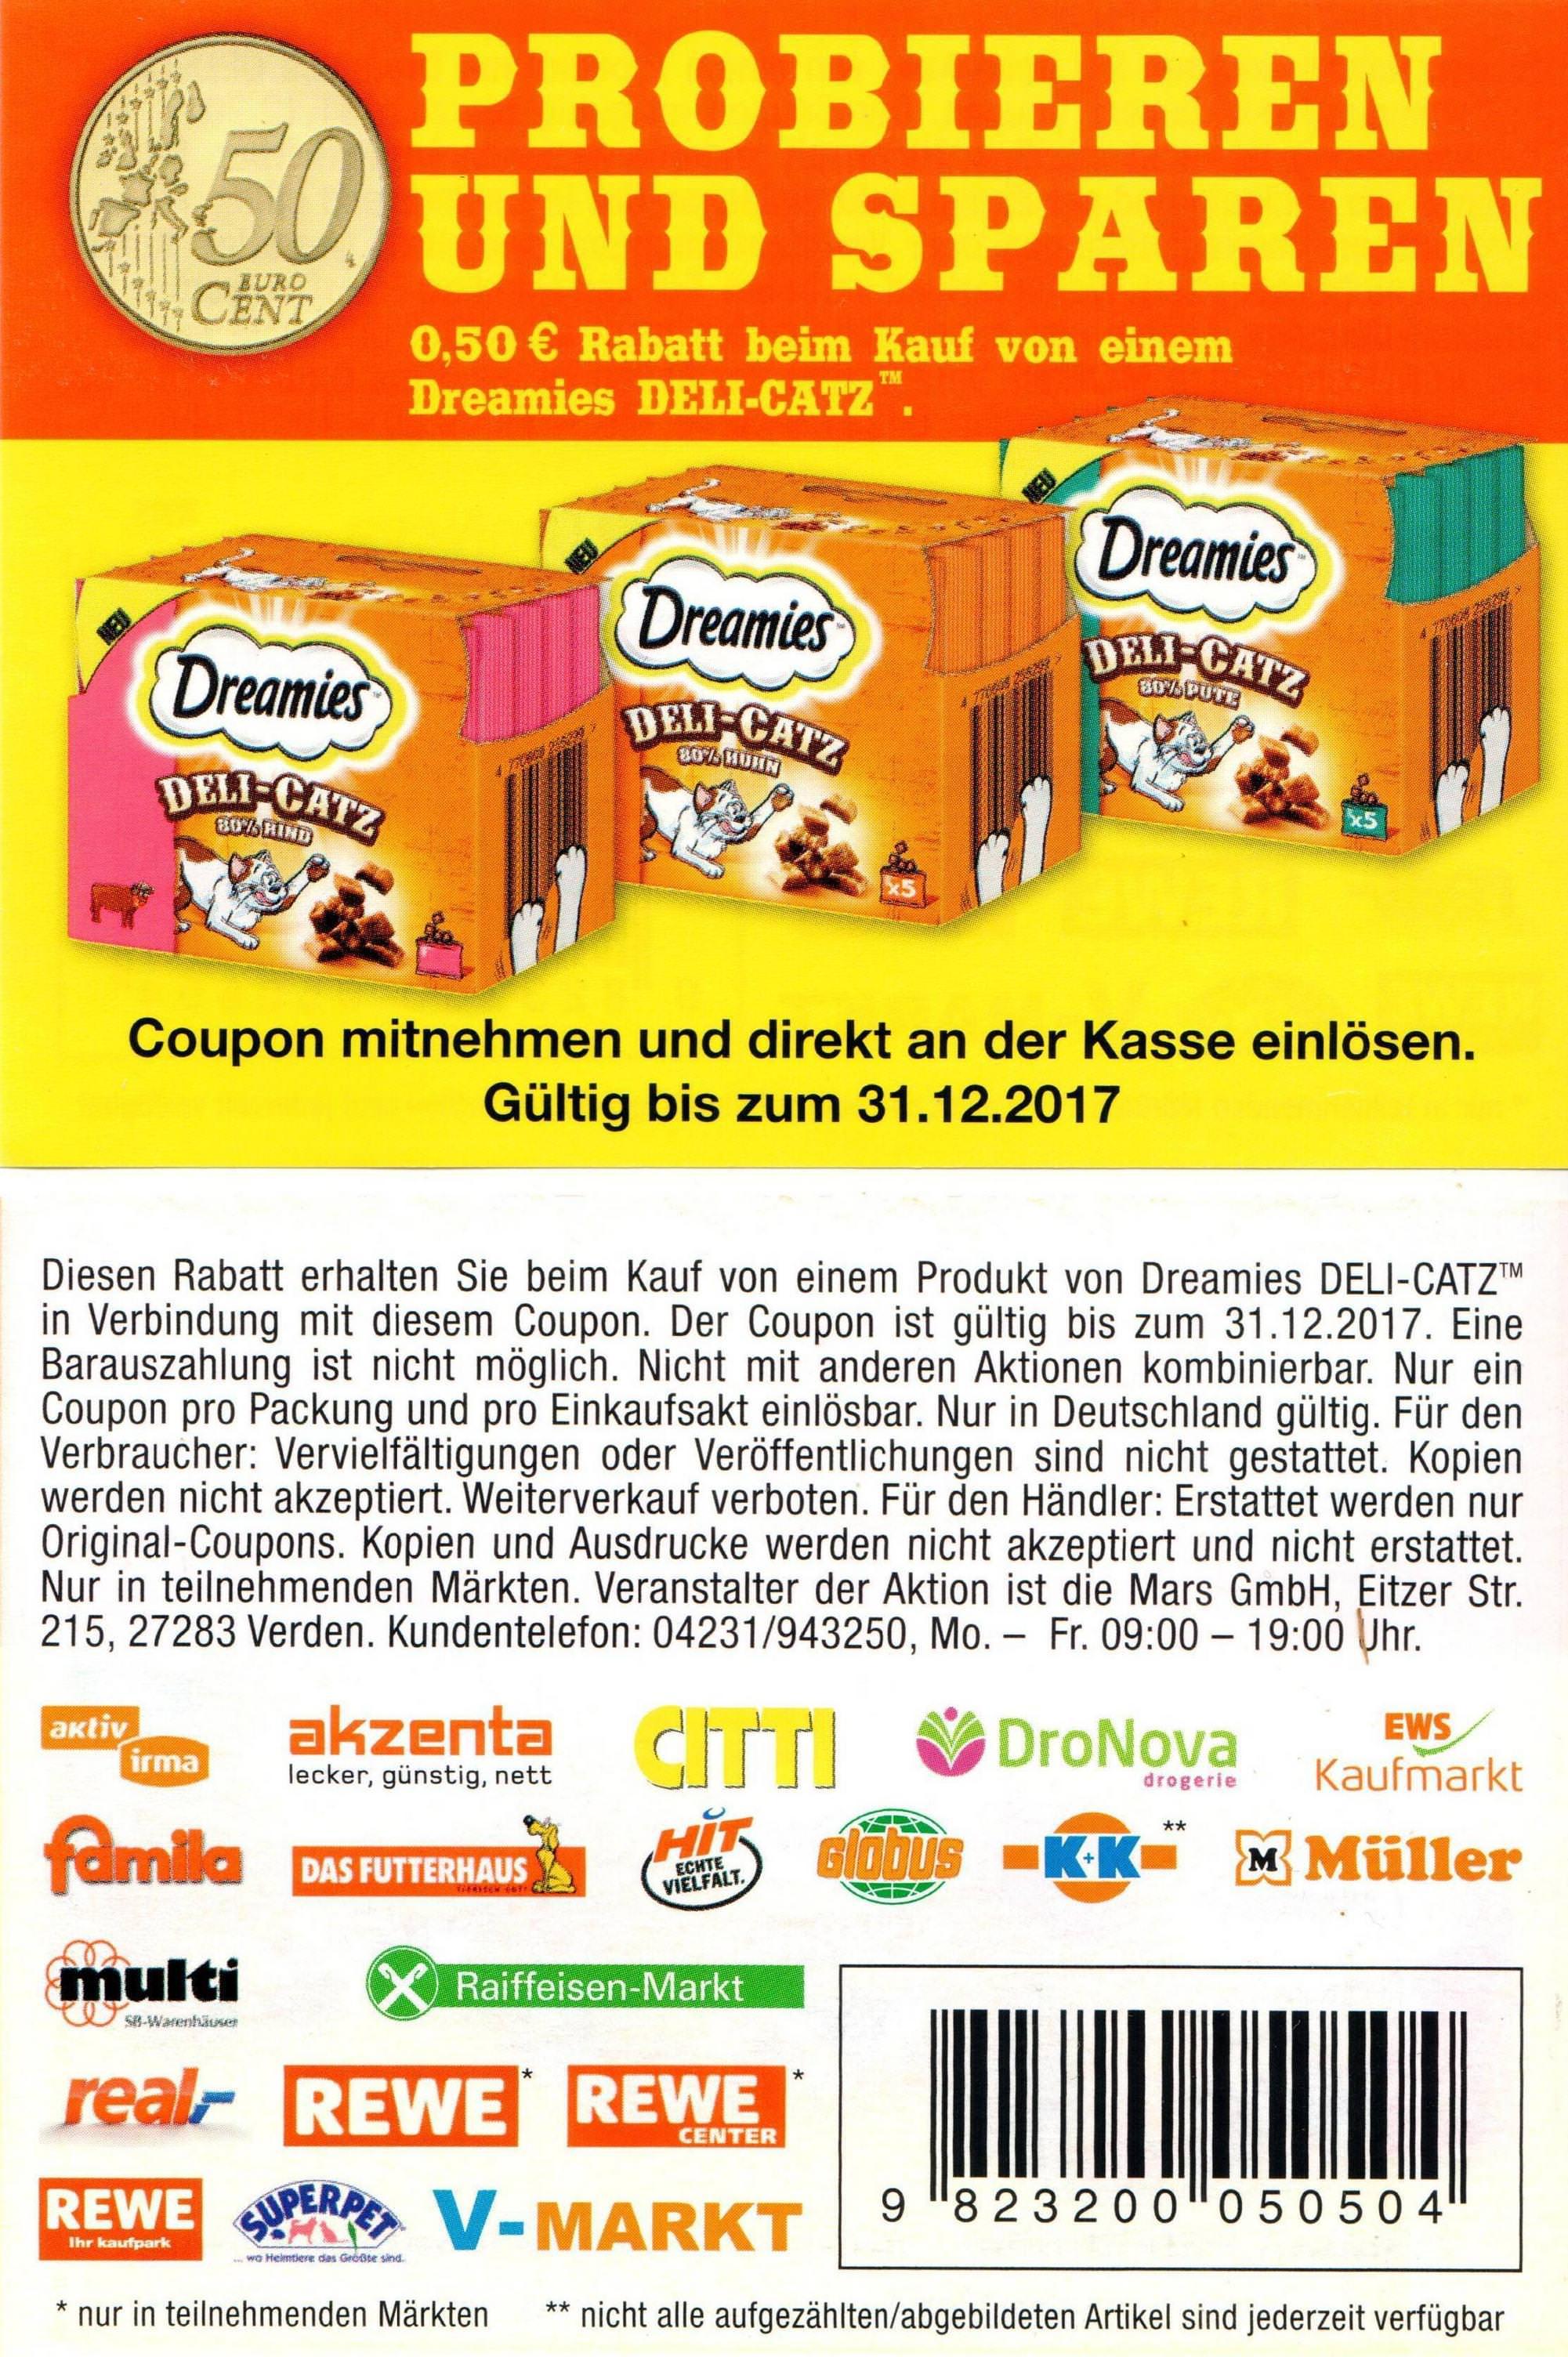 0,50€ Sofort-Rabatt-Coupon für eine Packung Dreamies Deli-Catz bis 31.12.2017 [bundesweit]